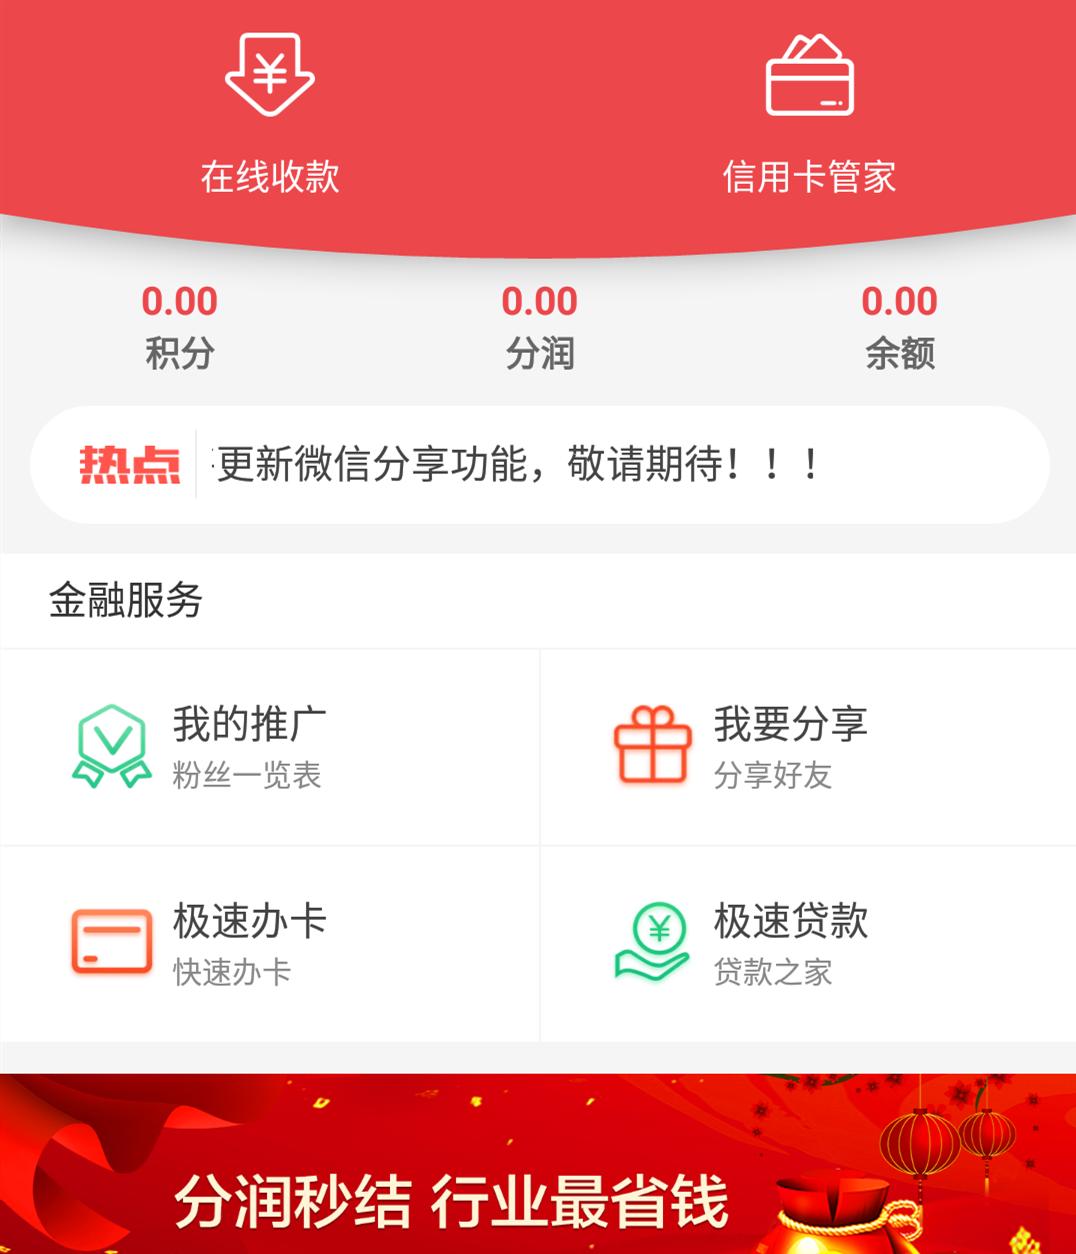 友财富app的性能如何呢?